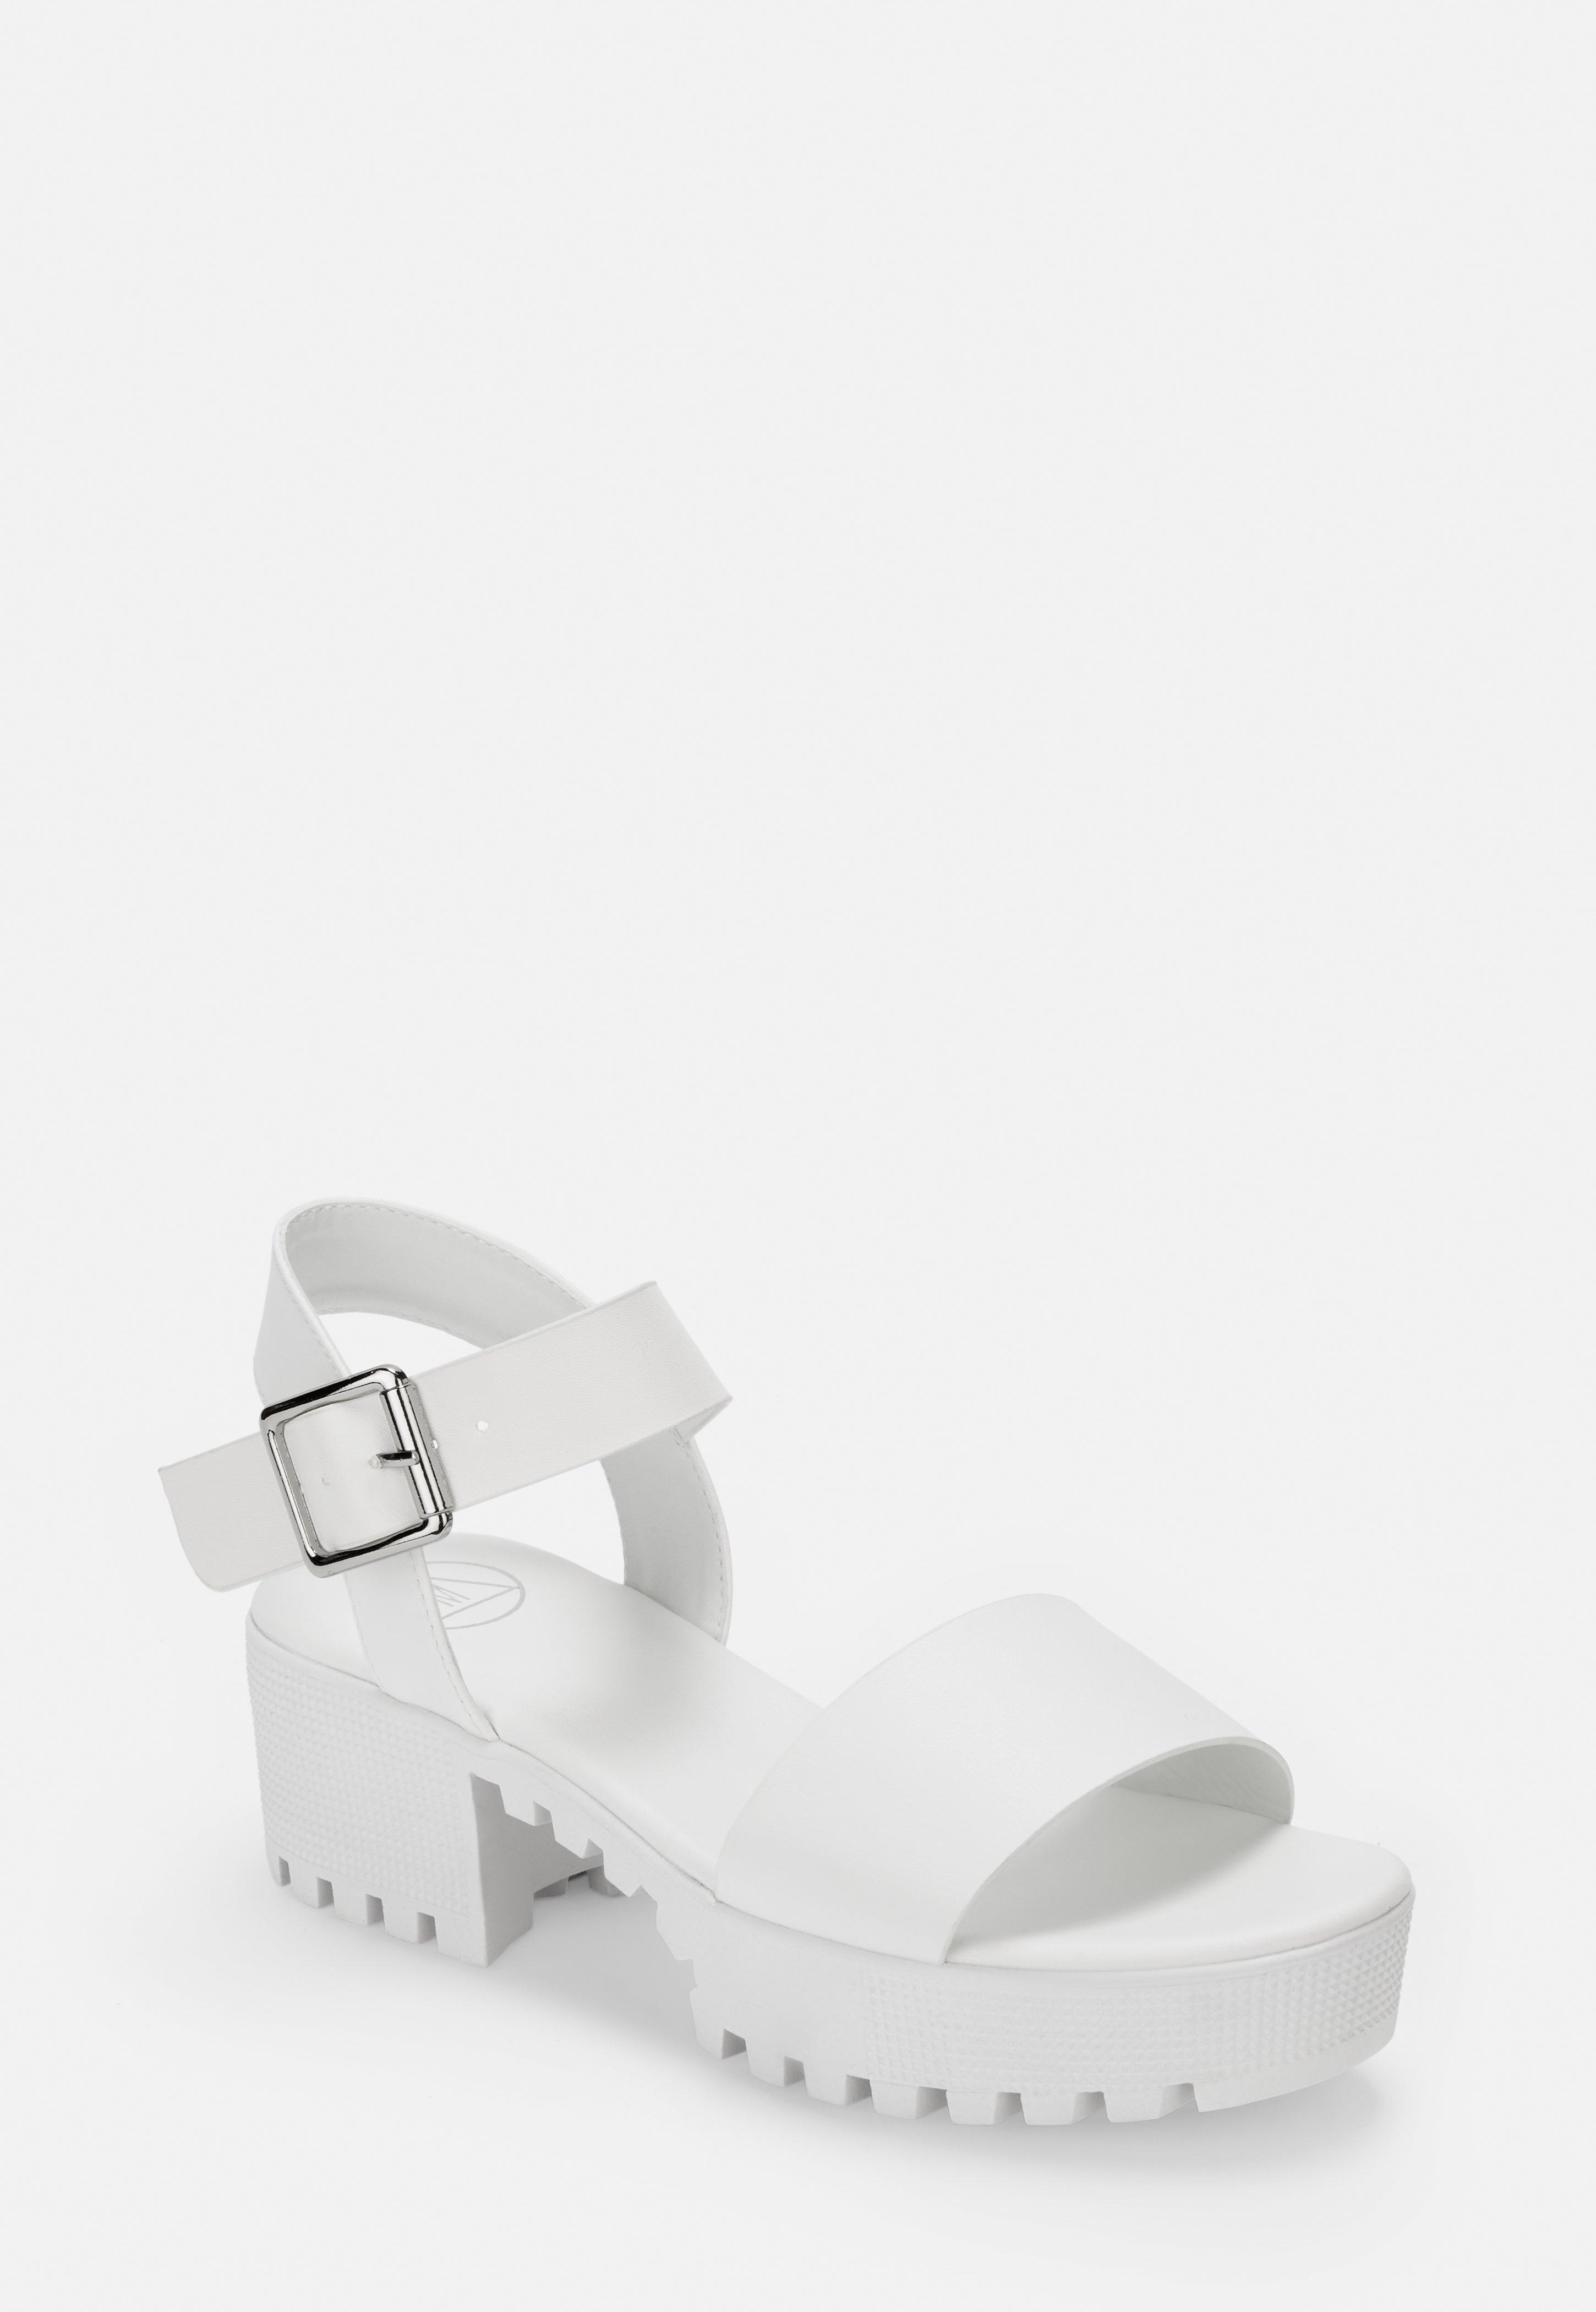 Und Weiß Riemchen Blockabsatz Mit Sandalen In nPk80wO